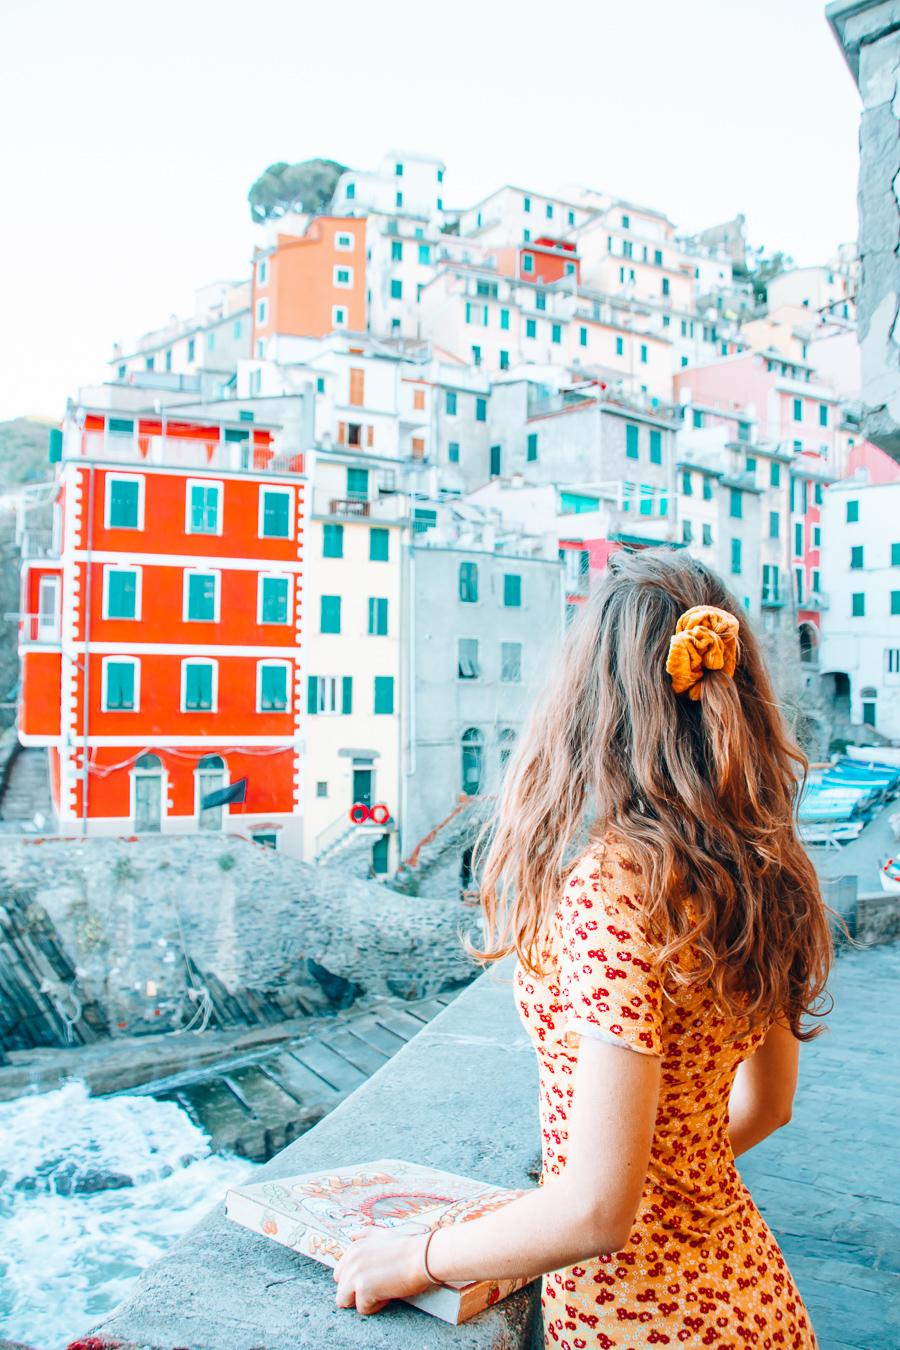 Girl in Riomaggiore, Cinque Terre